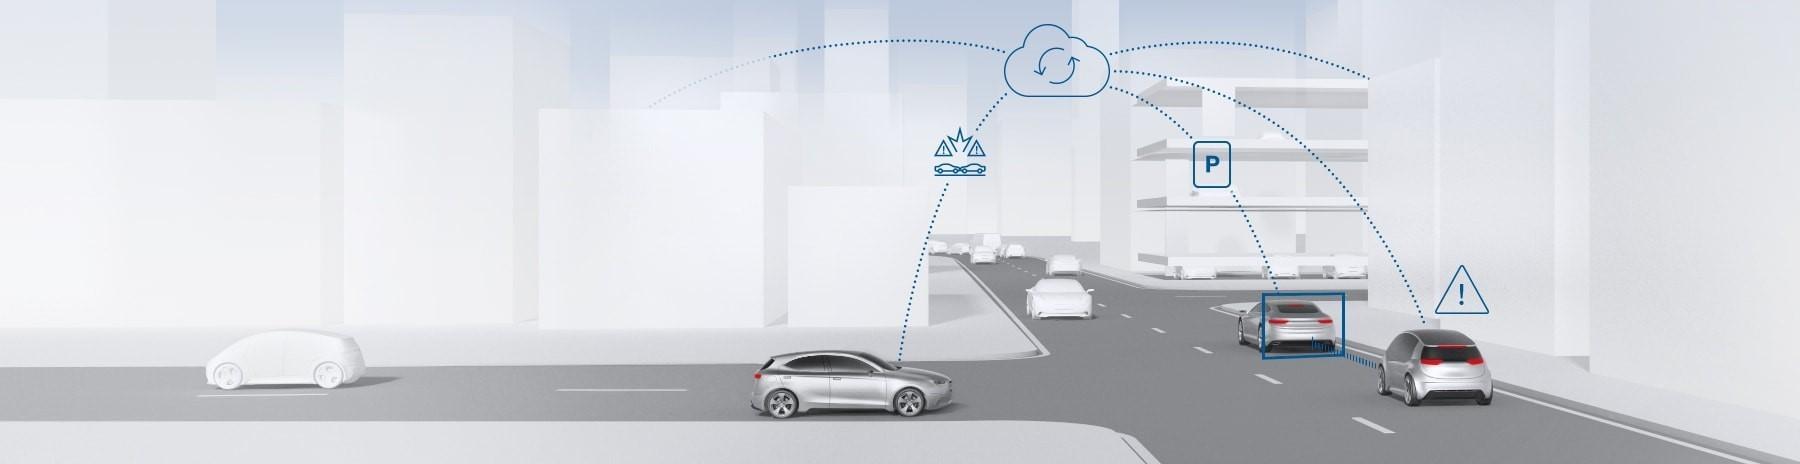 """Štúdia Bosch: """"Efekt prepojených vozidiel 2025"""""""